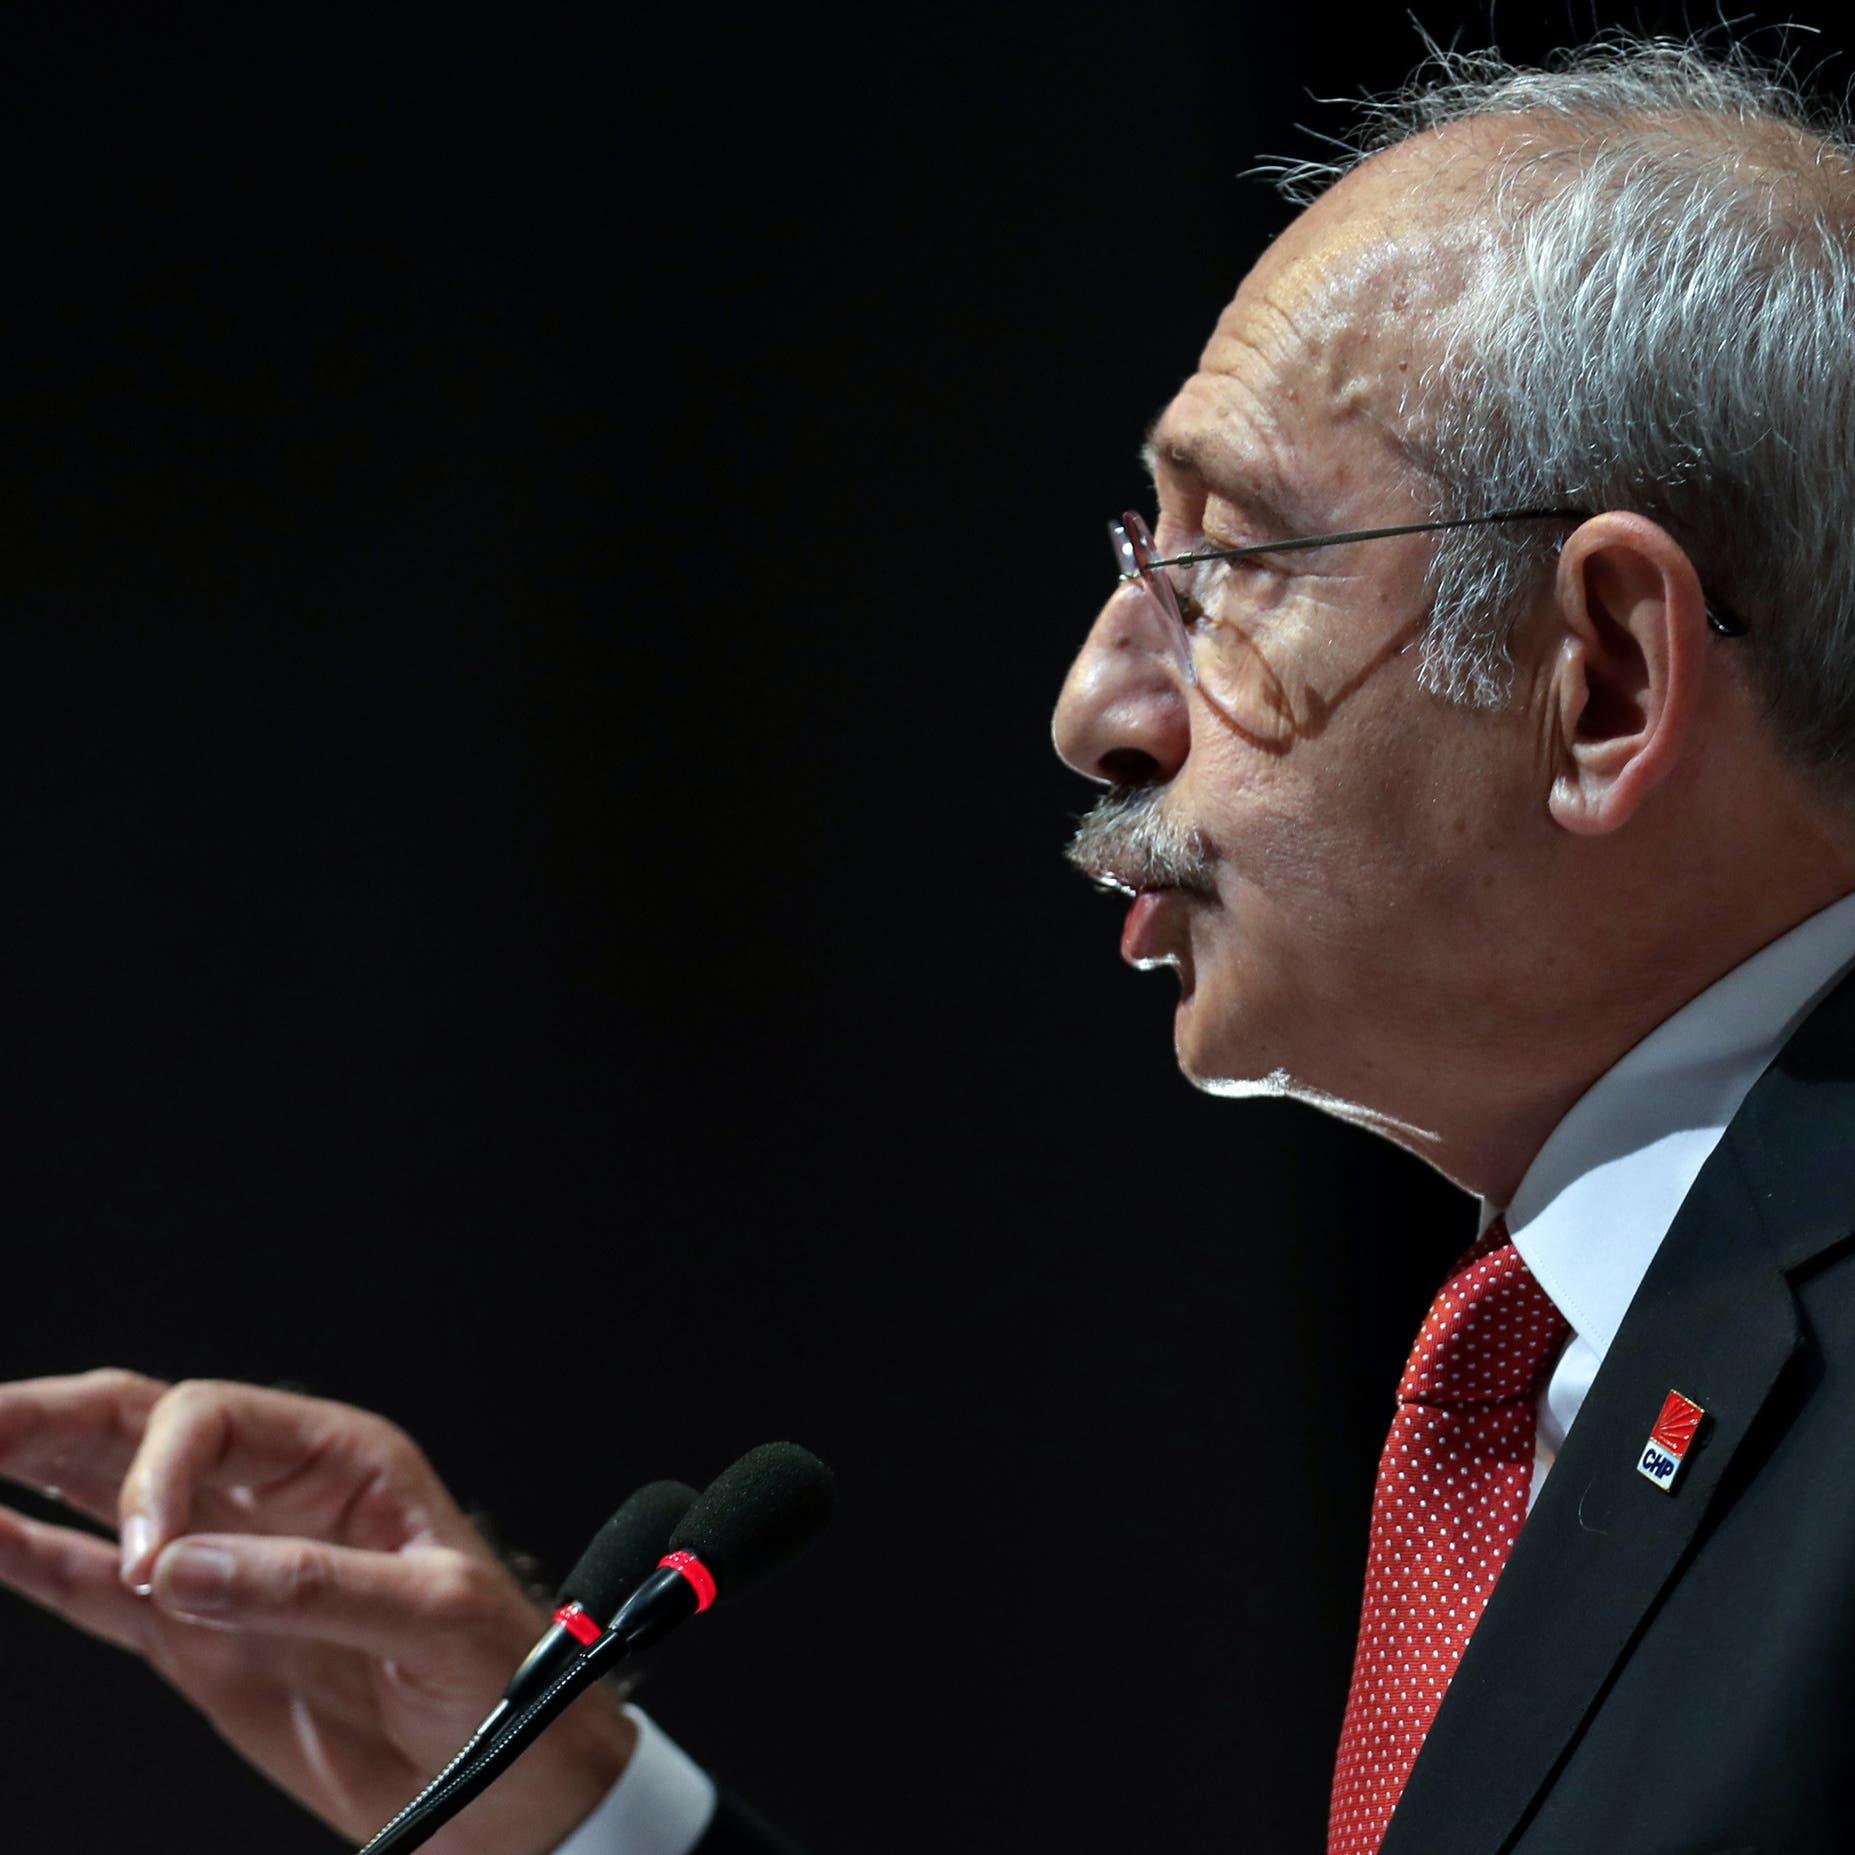 المعارضةلأردوغان: تذهب بـ6 طائرات لقبرص وشعبنا جائع